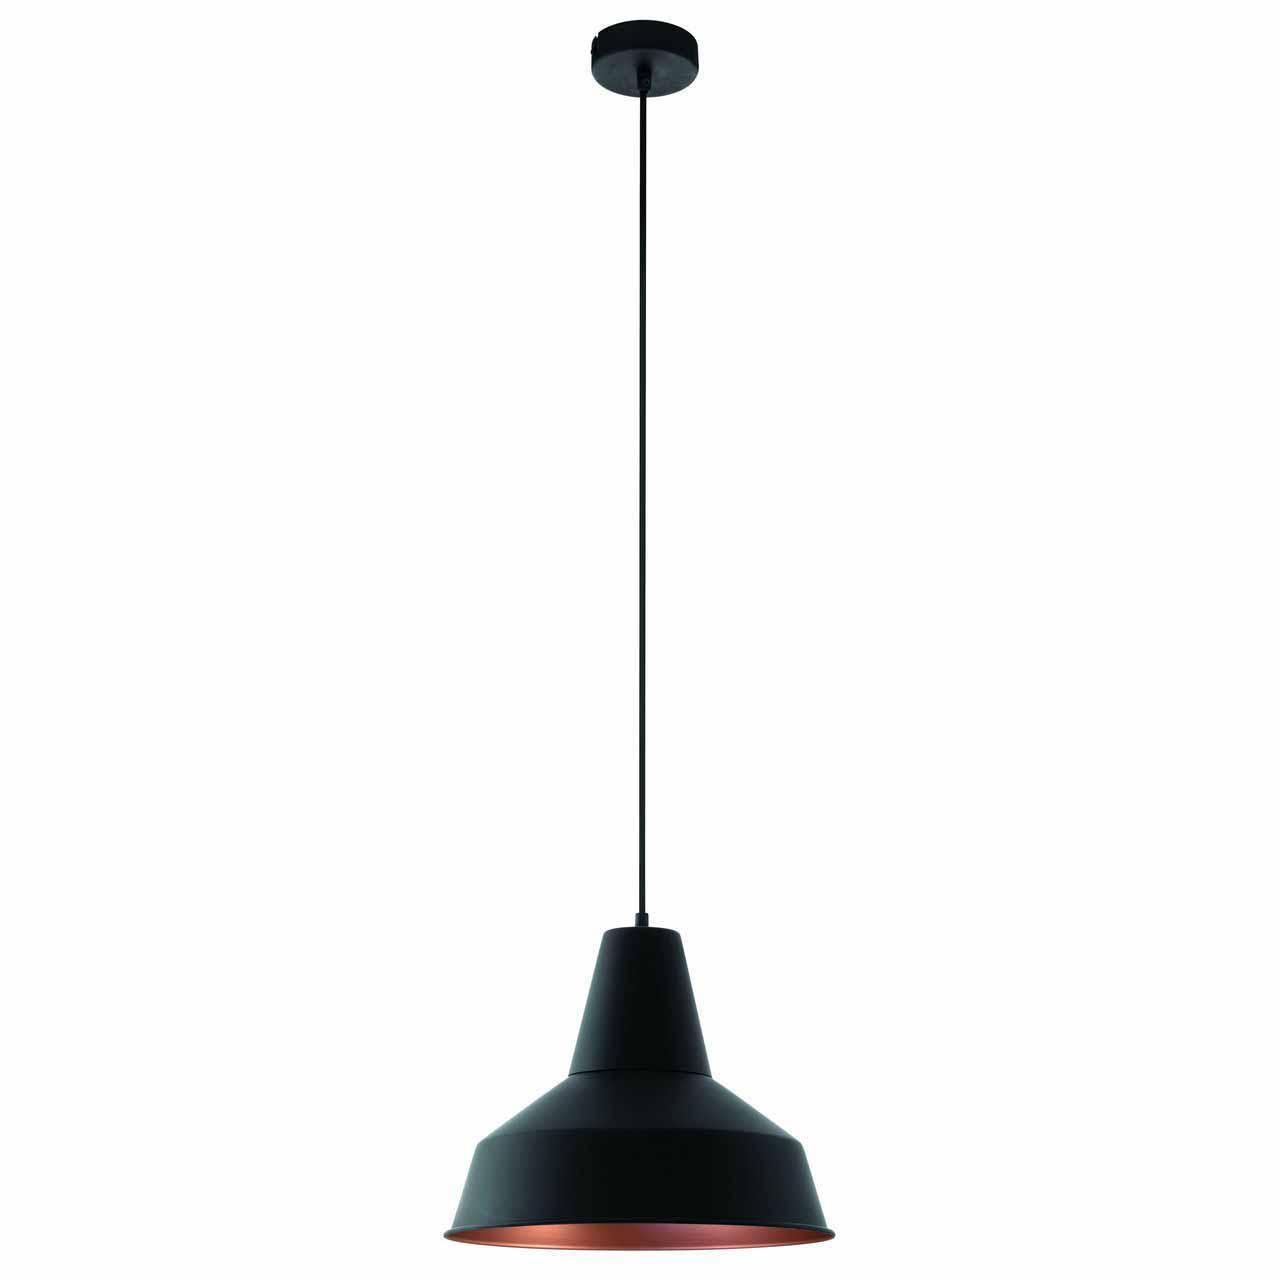 Подвесной светильник Eglo Truro 2 49387 подвесной светильник eglo truro 2 49389